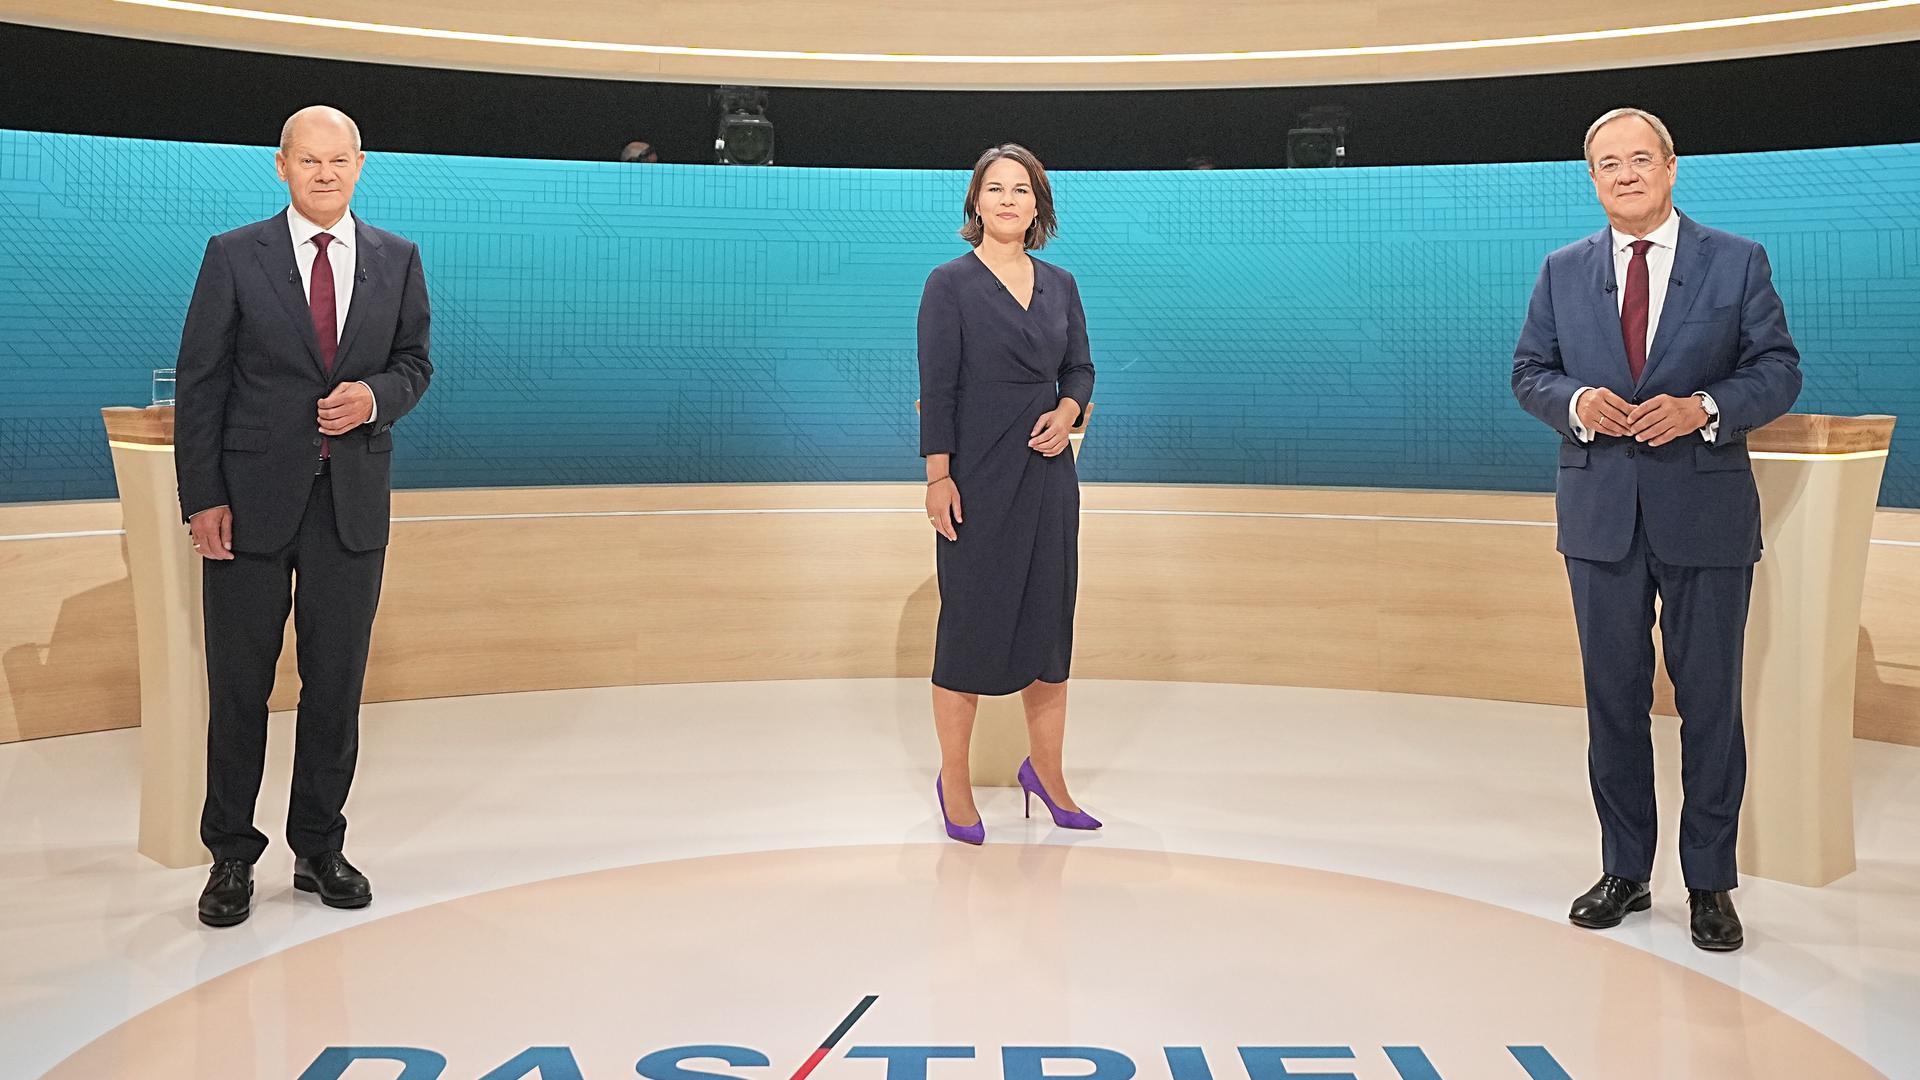 Kanzlerkandidat Olaf Scholz (SPD, l-r), Kanzlerkandidatin Annalena Baerbock (Bündnis90/Die Grünen) und Kanzlerkandidat Armin Laschet (CDU) stehen im Fernsehstudio. Die Kanzlerkandidaten von Bündnis 90/Die Grünen, CDU und SPD, Baerbock, Laschet und Scholz treffen in einer TV Diskussion bei ARD und ZDF aufeinander. +++ dpa-Bildfunk +++